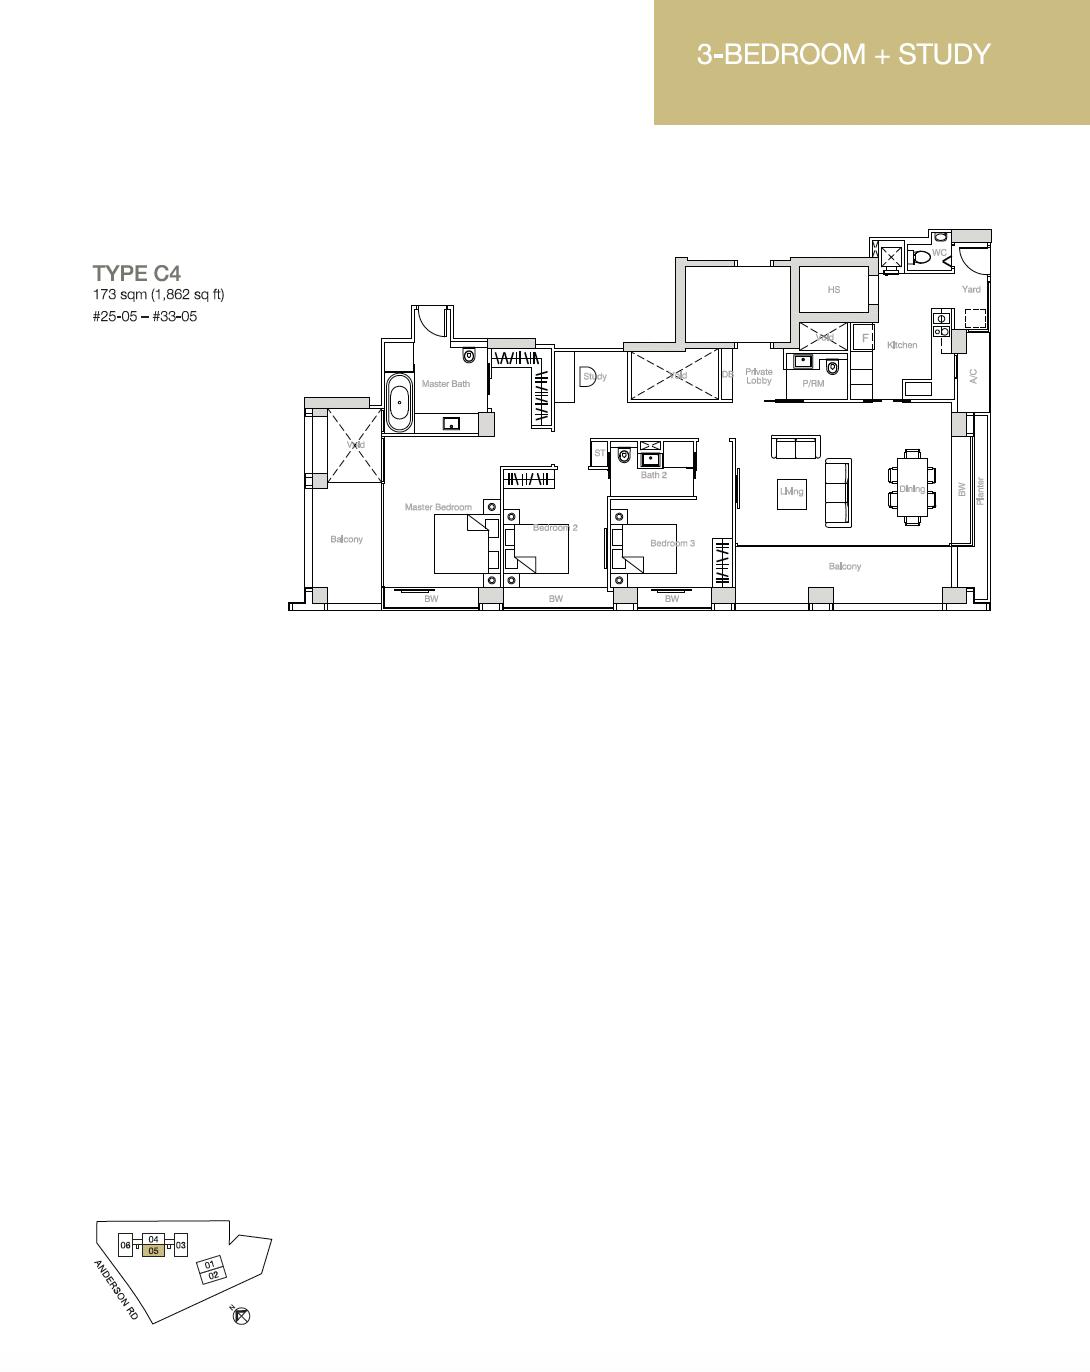 Nouvel-18-floor-plan-3-bedroom-Study